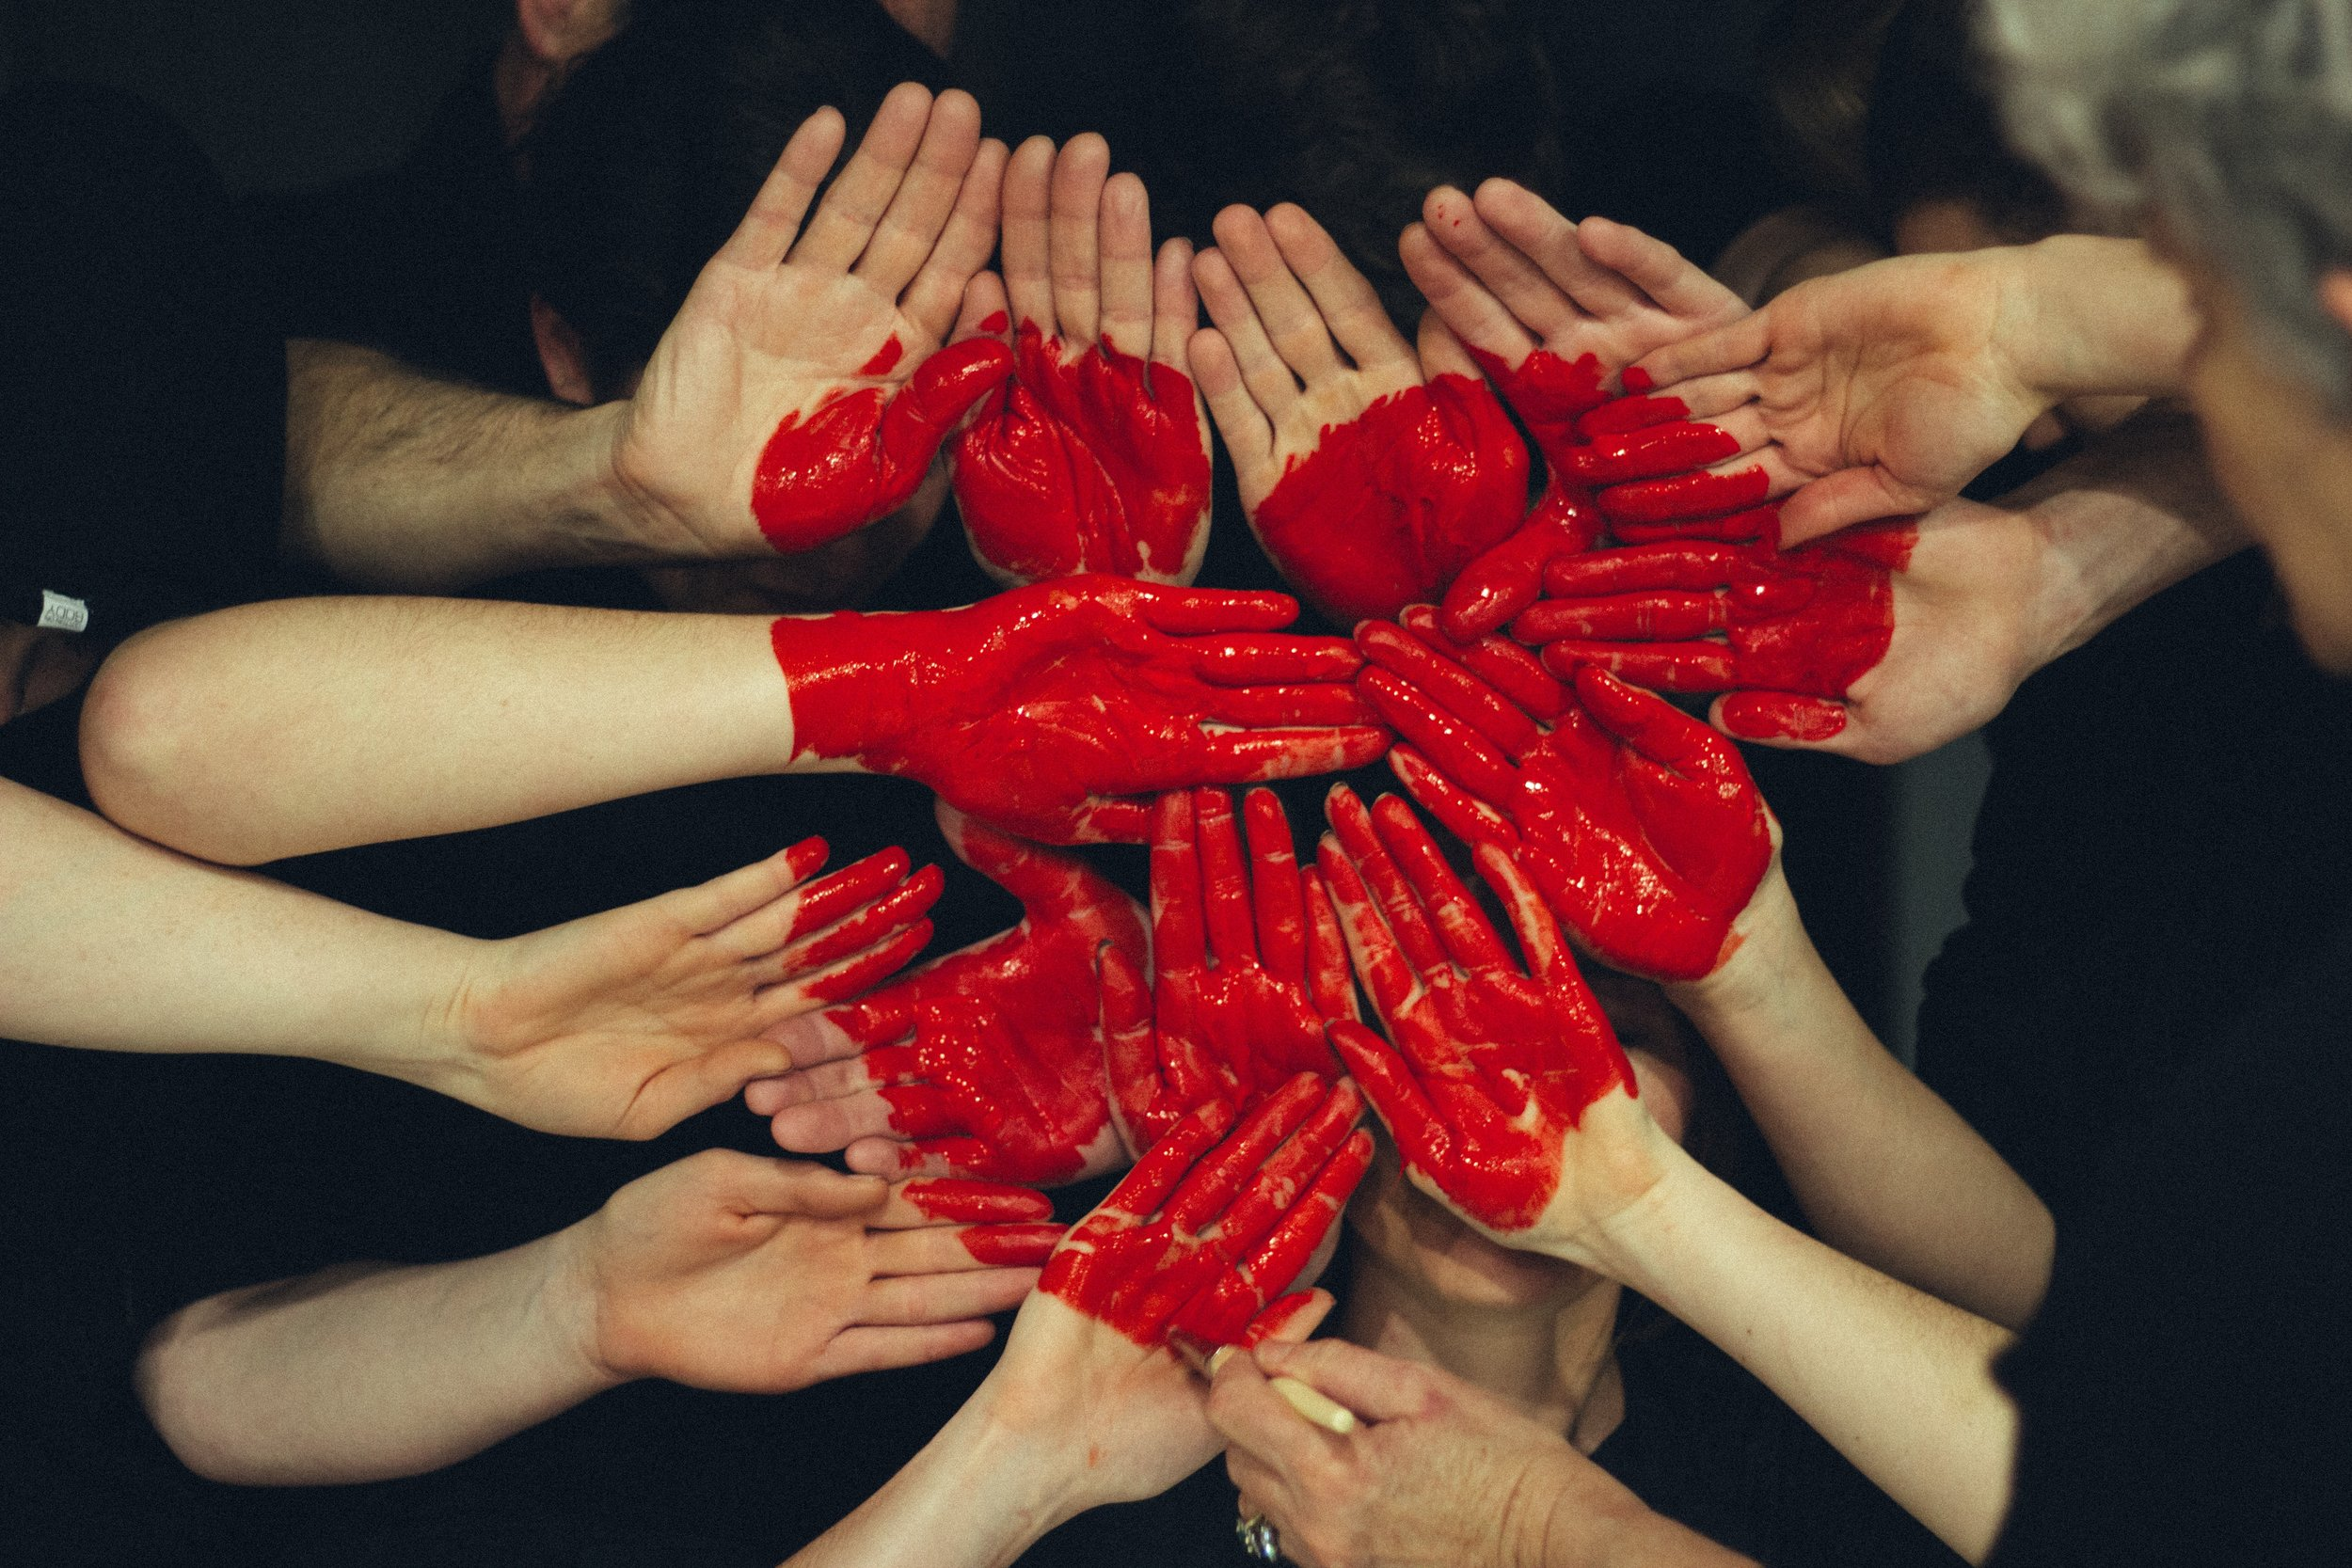 GRUPS I EMPRESES - Experiències per a grups i empreses, team building, activitats d'incentiu i esdeveniments sostenibles